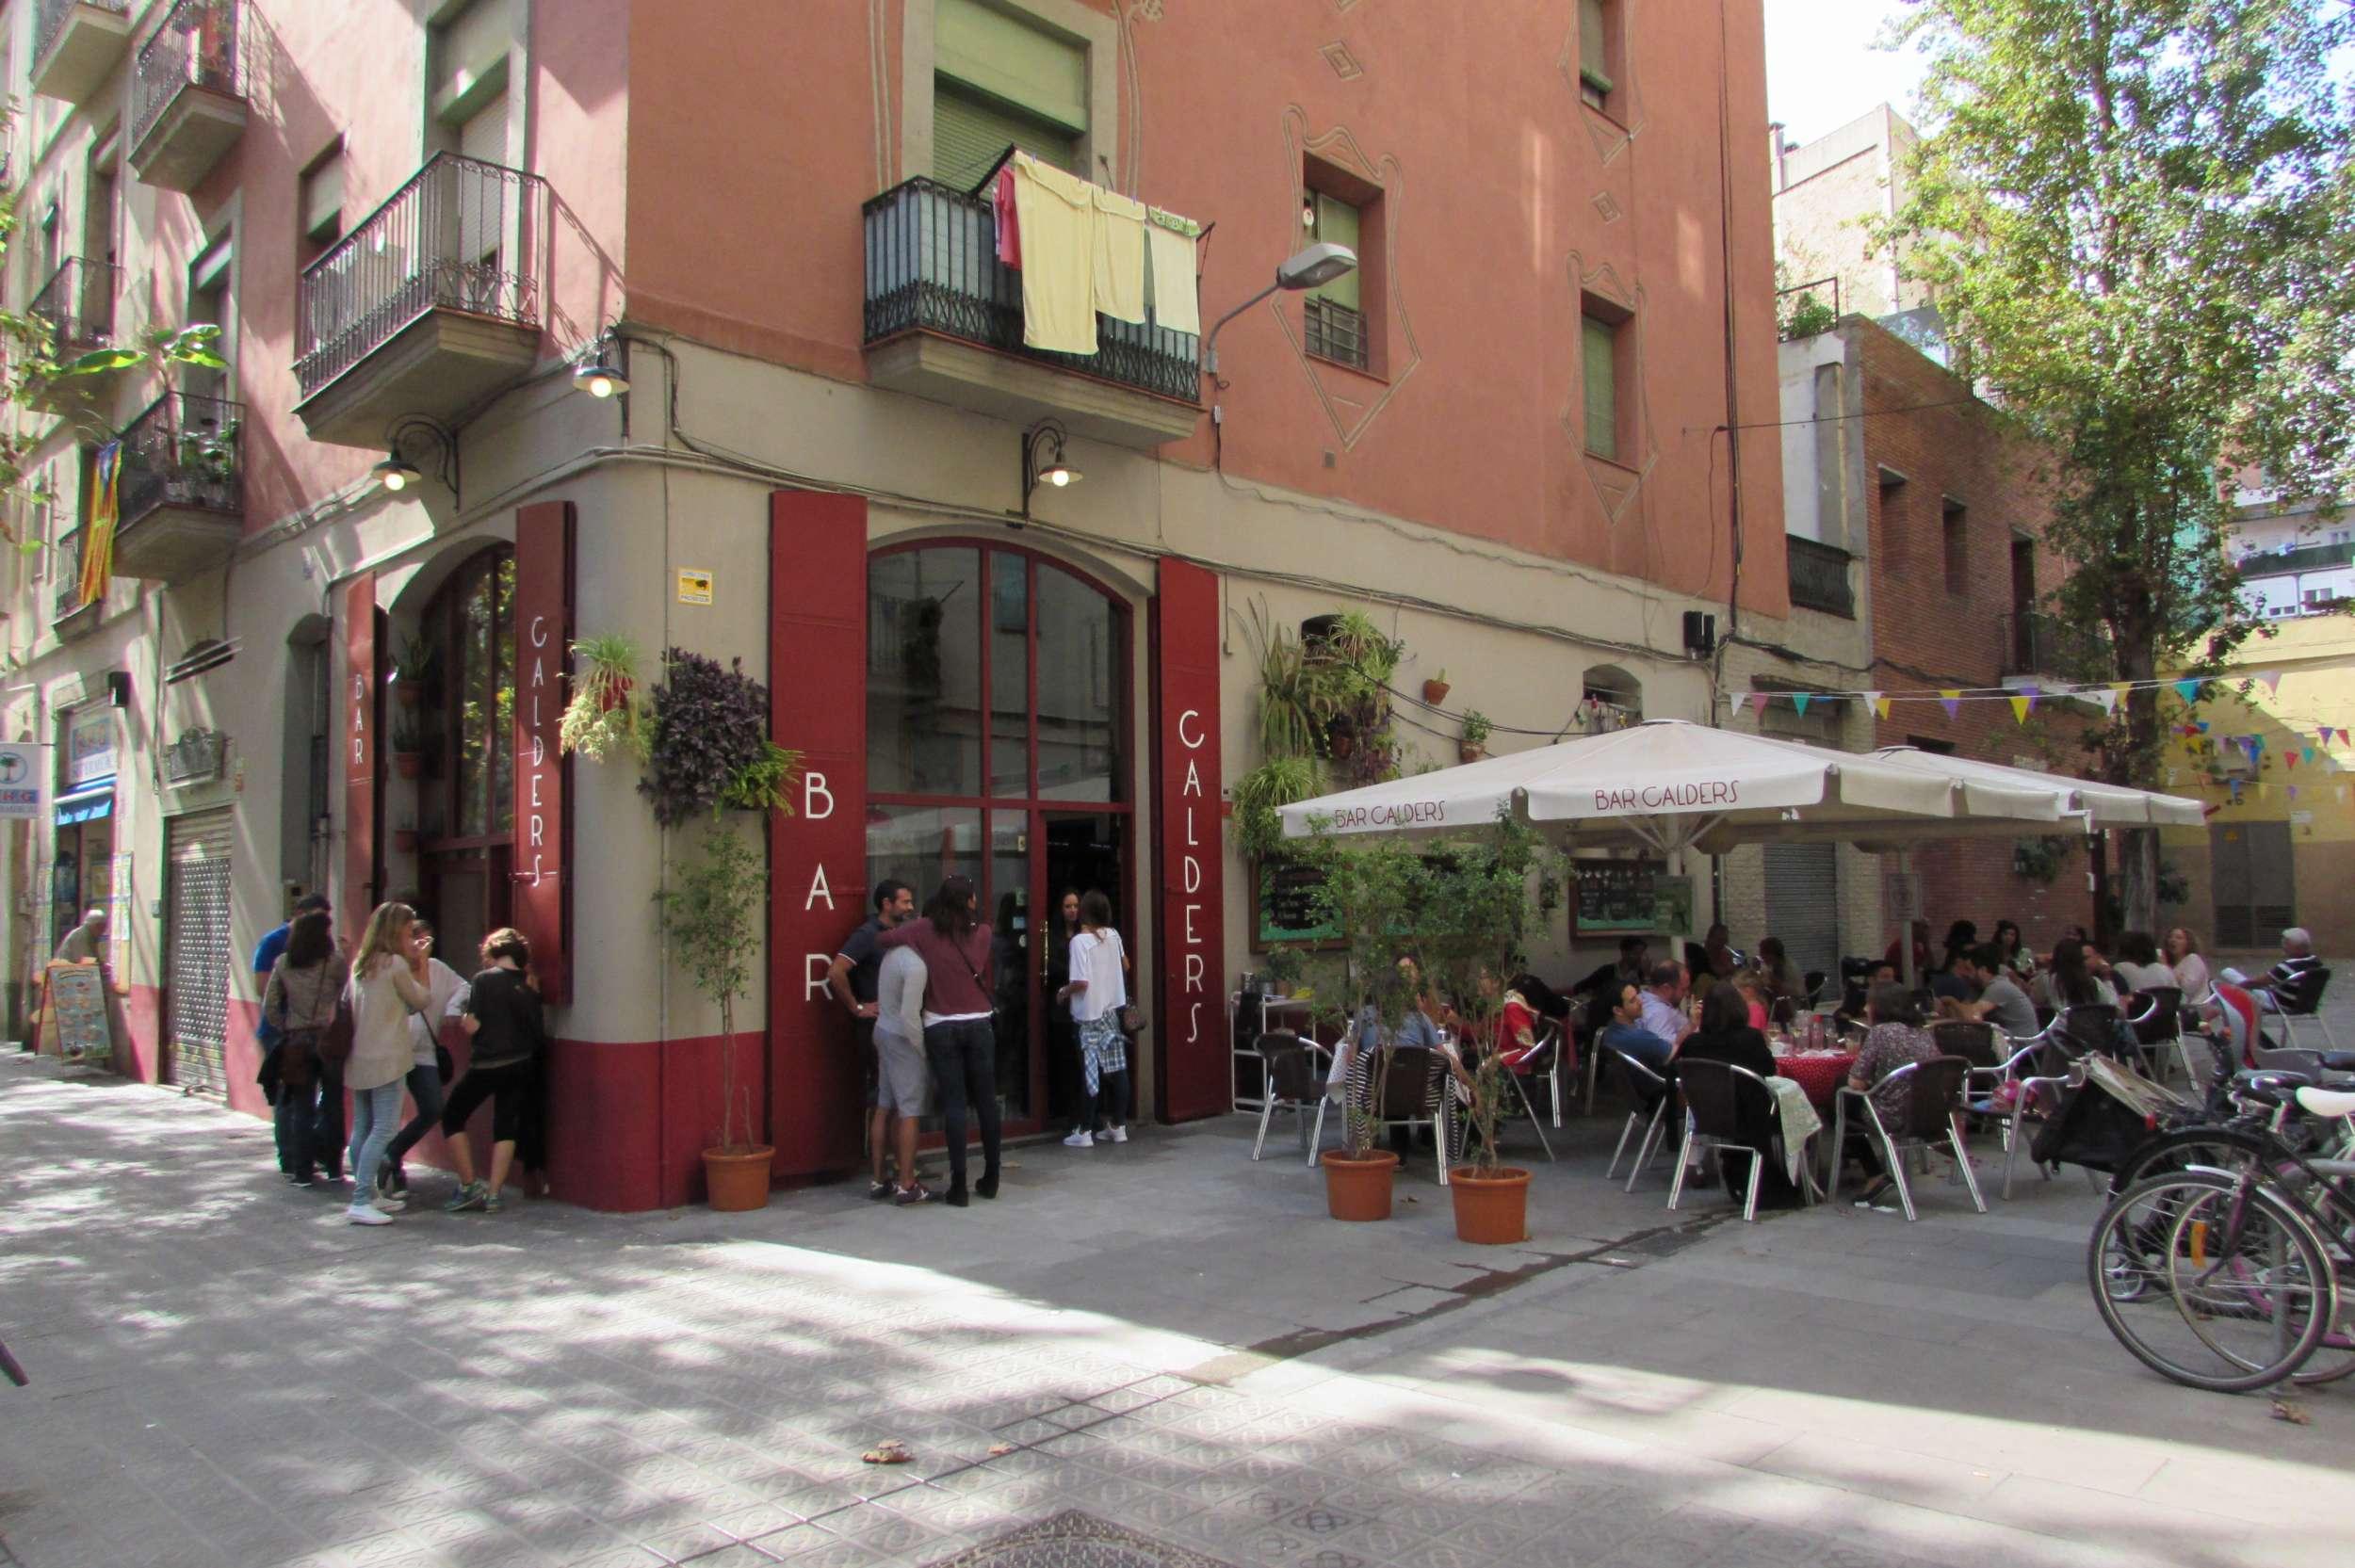 Bar Calders Parlamant Street Sant Antoni